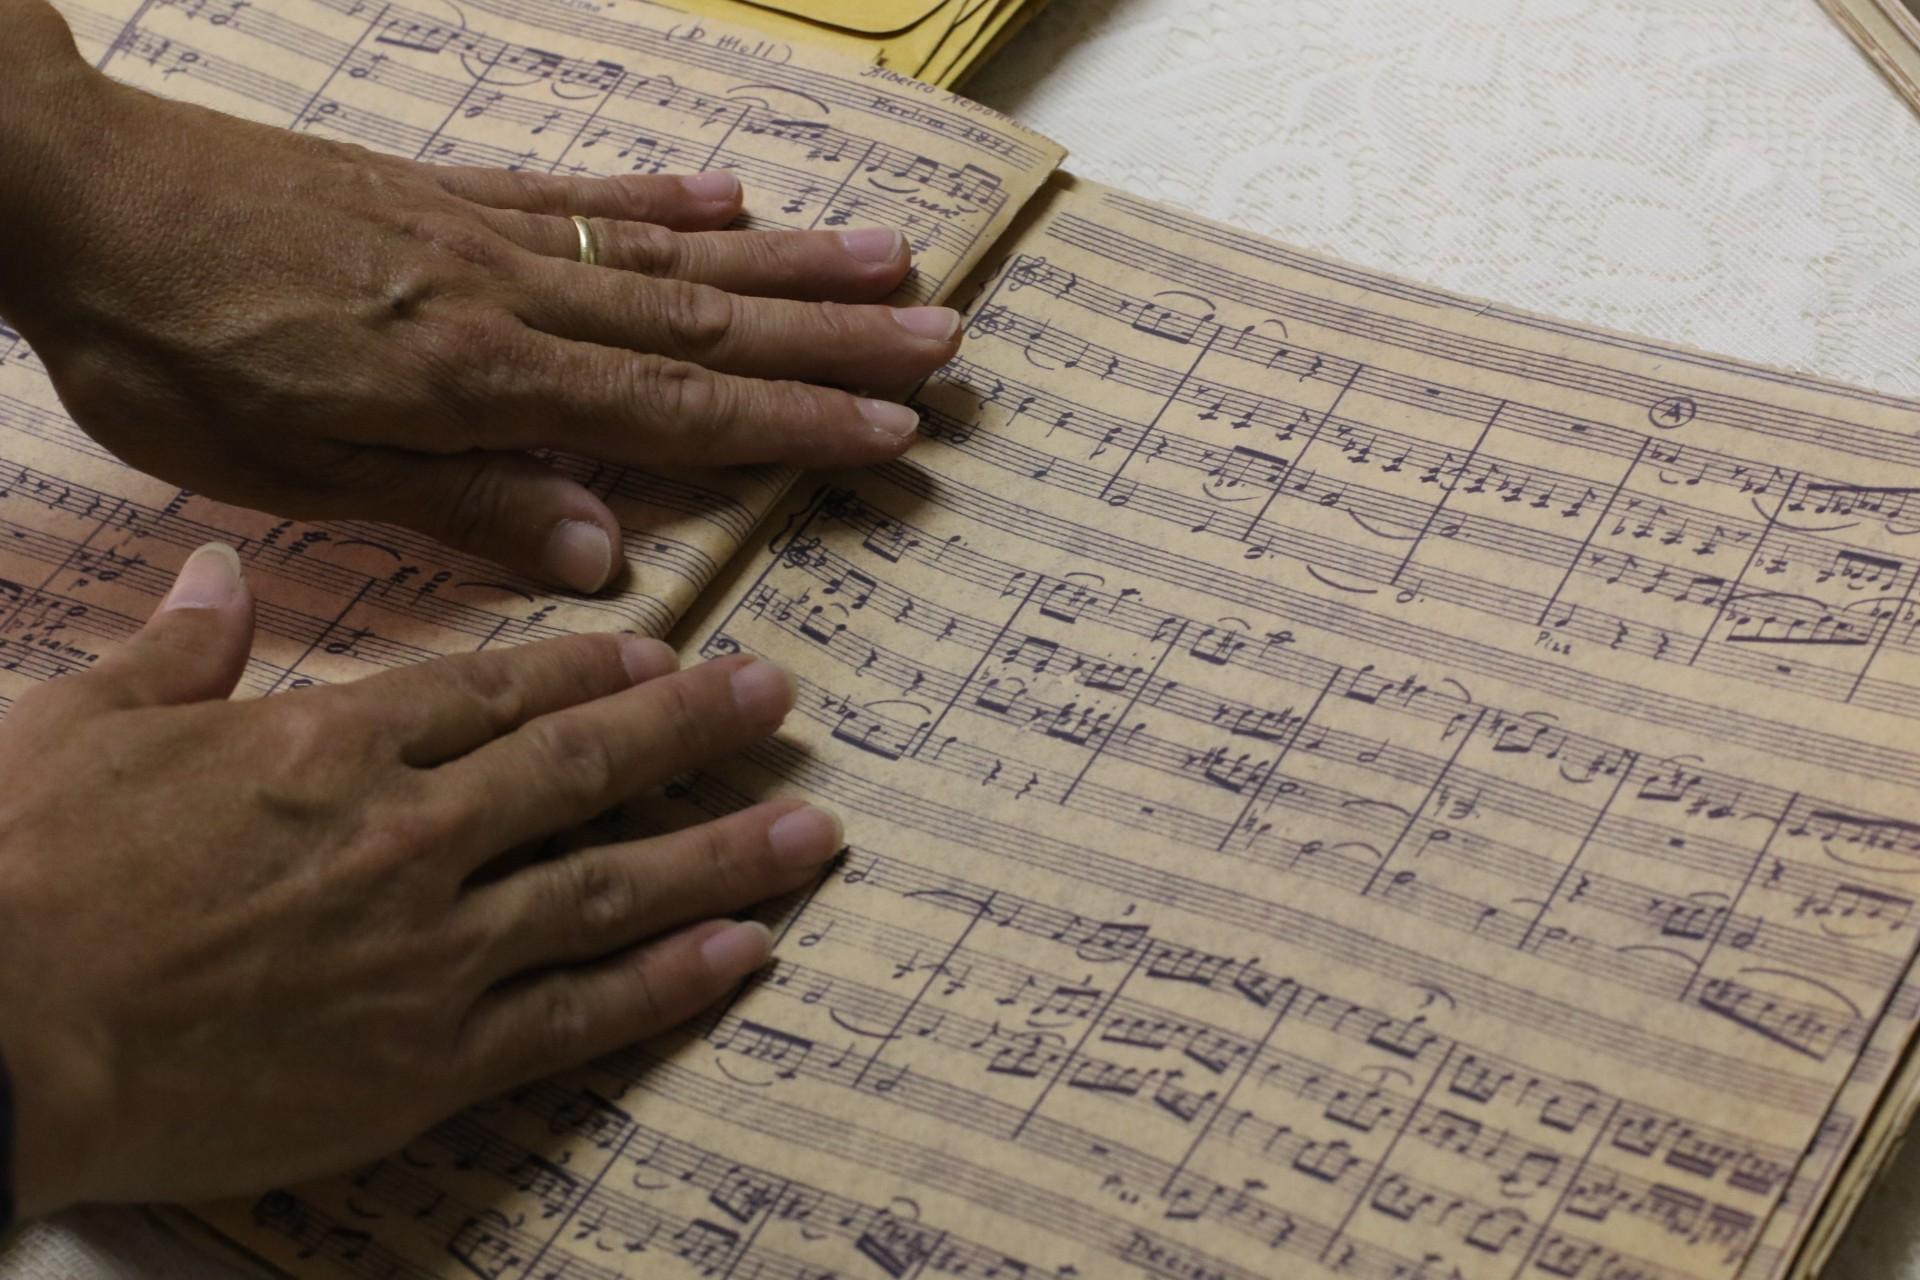 Partitura conservada do Quarteto n°3, no Conservatório de Música Alberto Nepomuceno. (Fotos: Fabio Lima/O POVO)